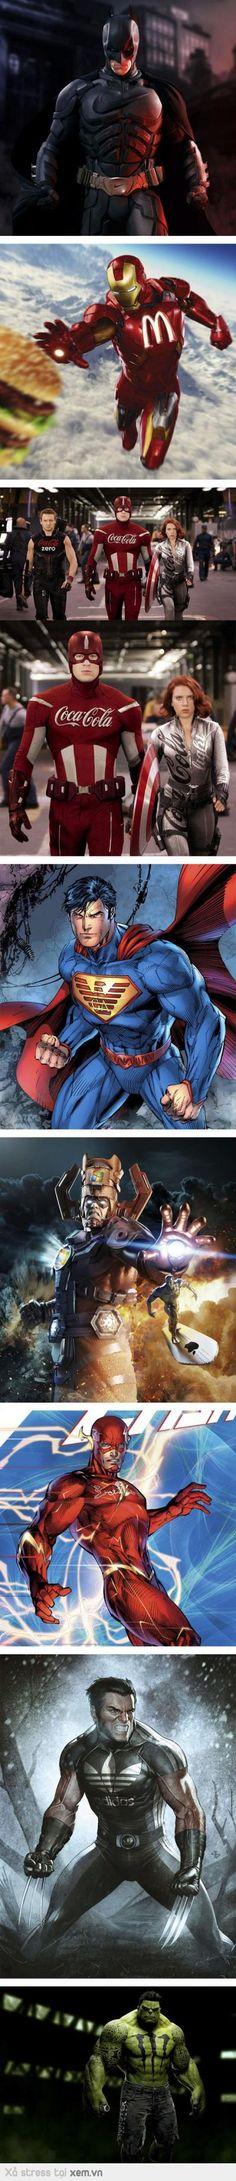 Khi các siêu anh hùng quảng cáo, pr trá hình